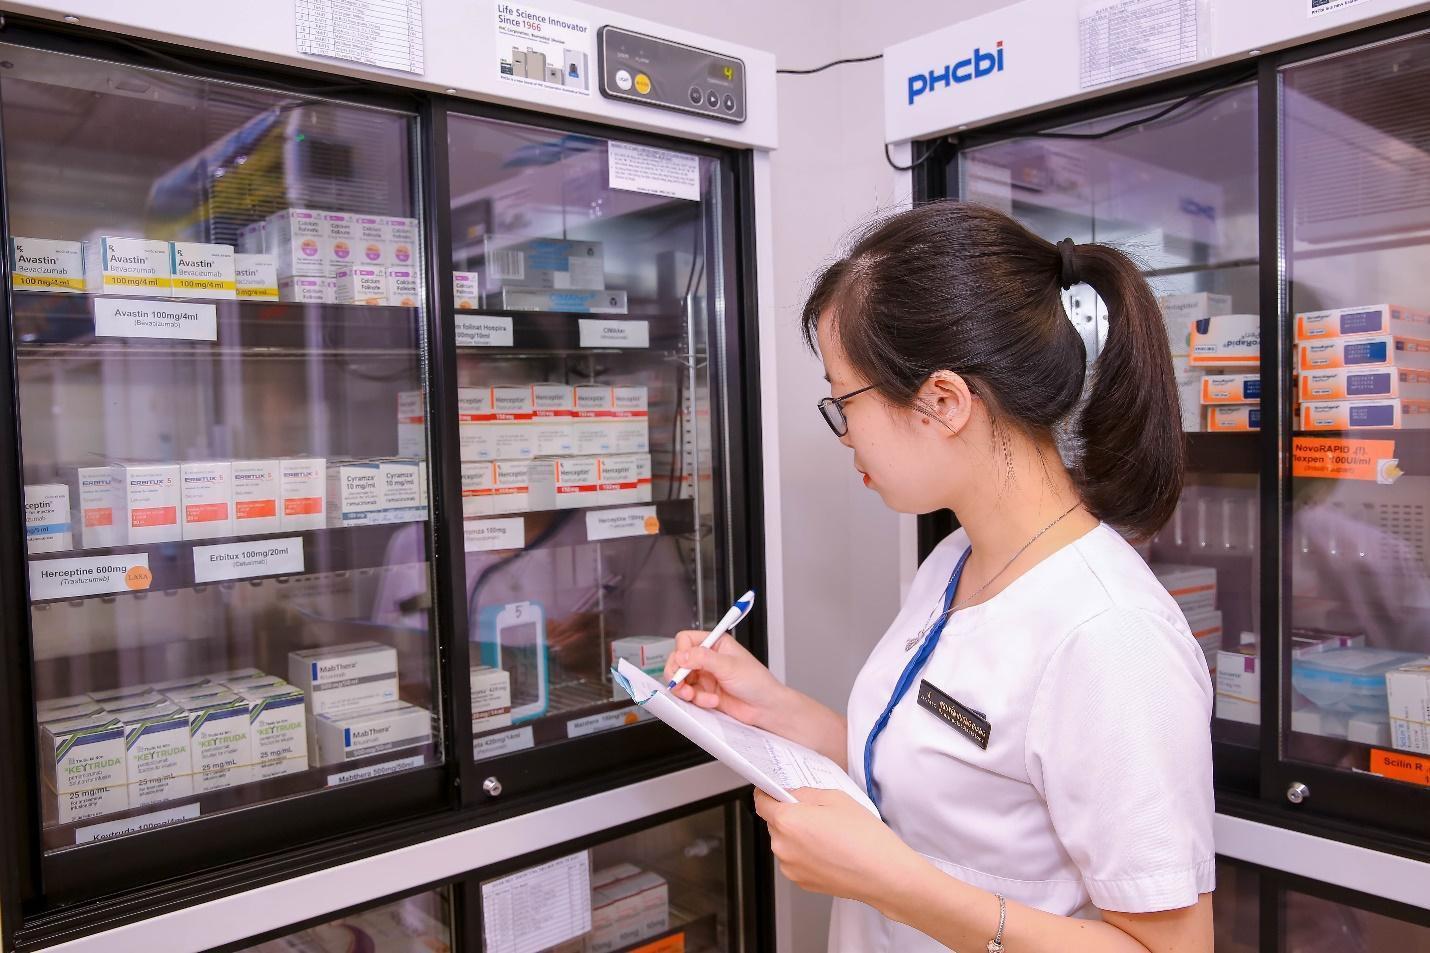 Một số loại thuốc được bảo quản trong điều kiện đặc biệt hơn - Kho bảo quản thuốc